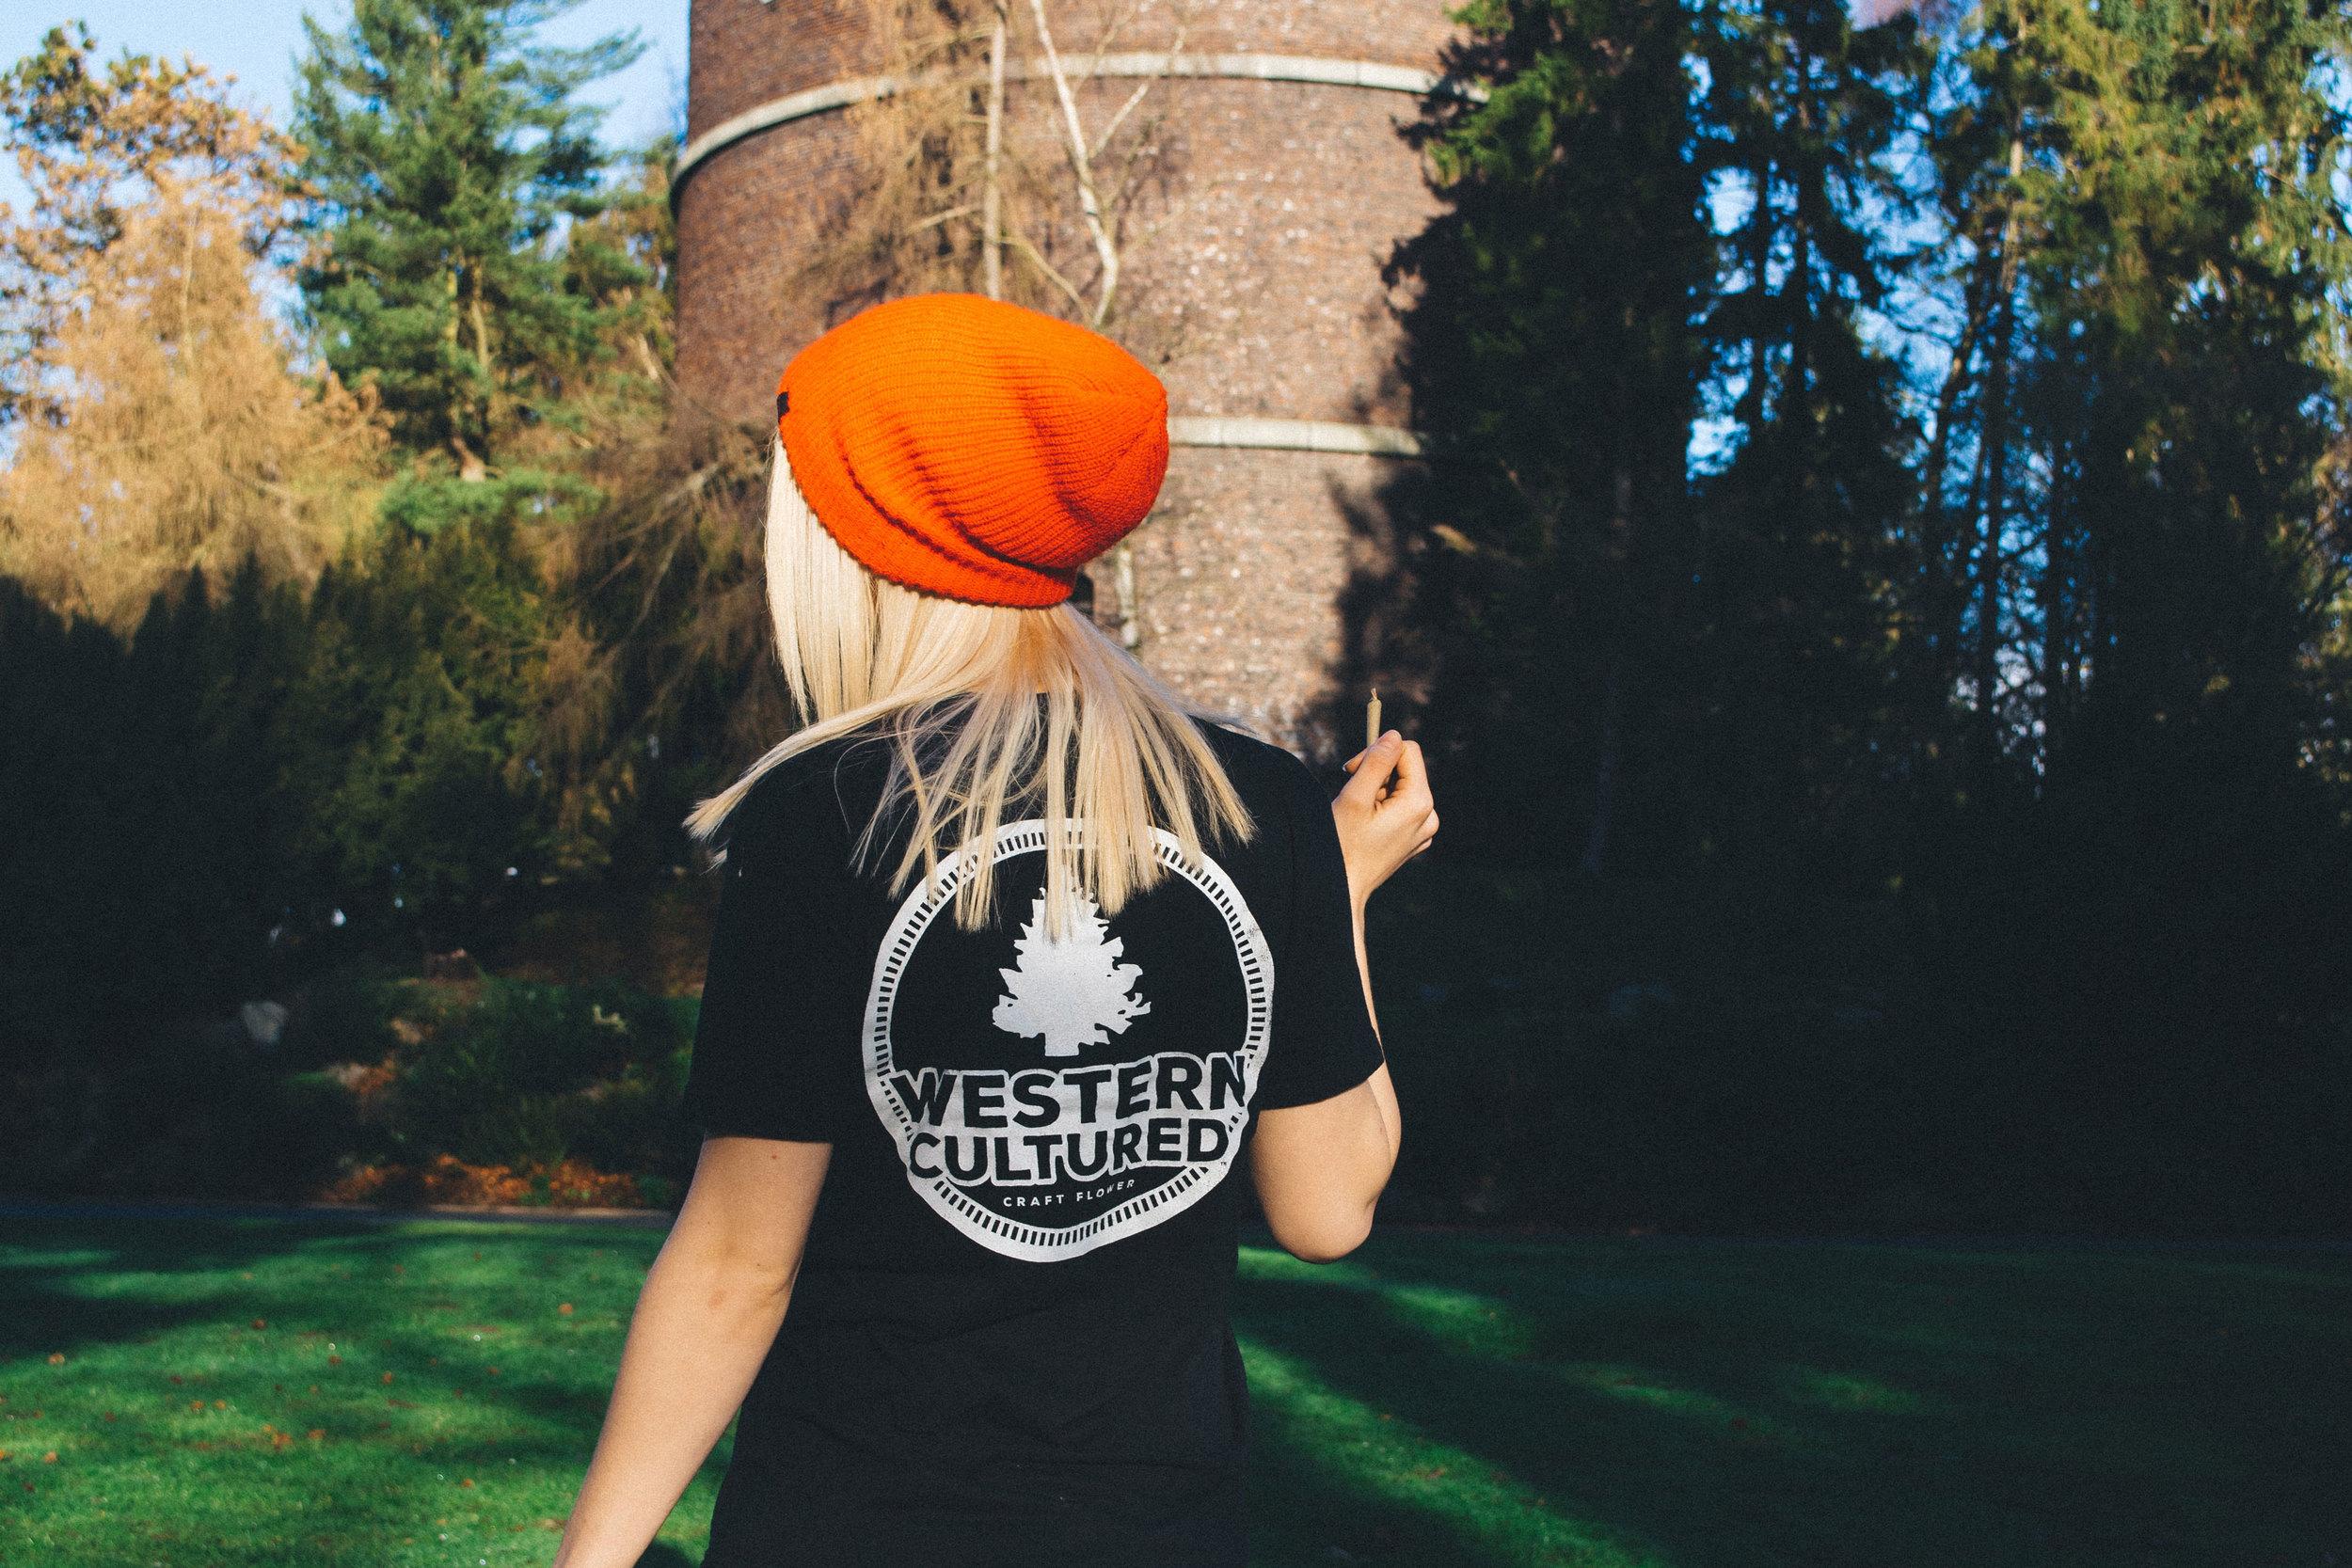 western-cultured-apparel-volunteer-park-8.jpg